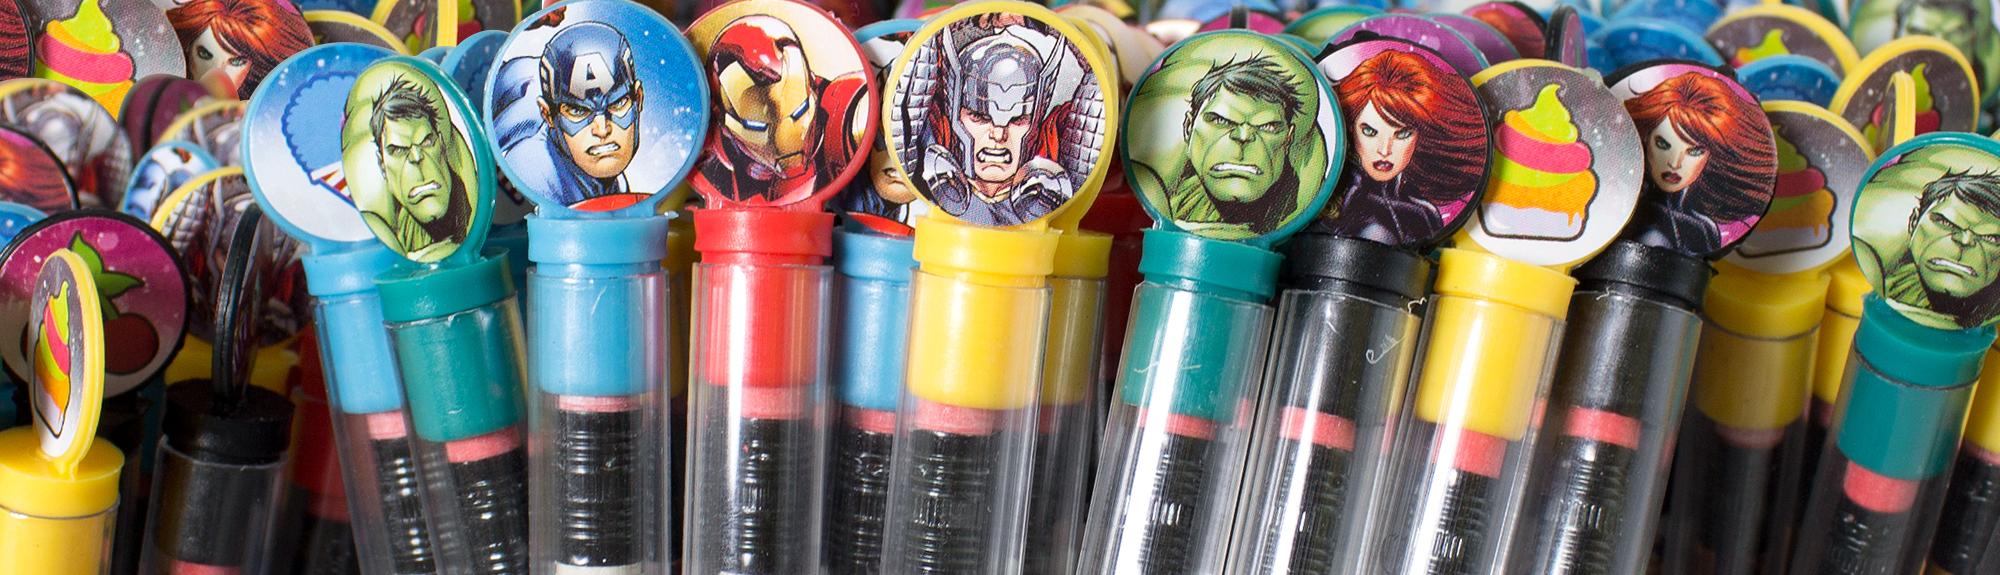 Marvel Avengers: Smencils header